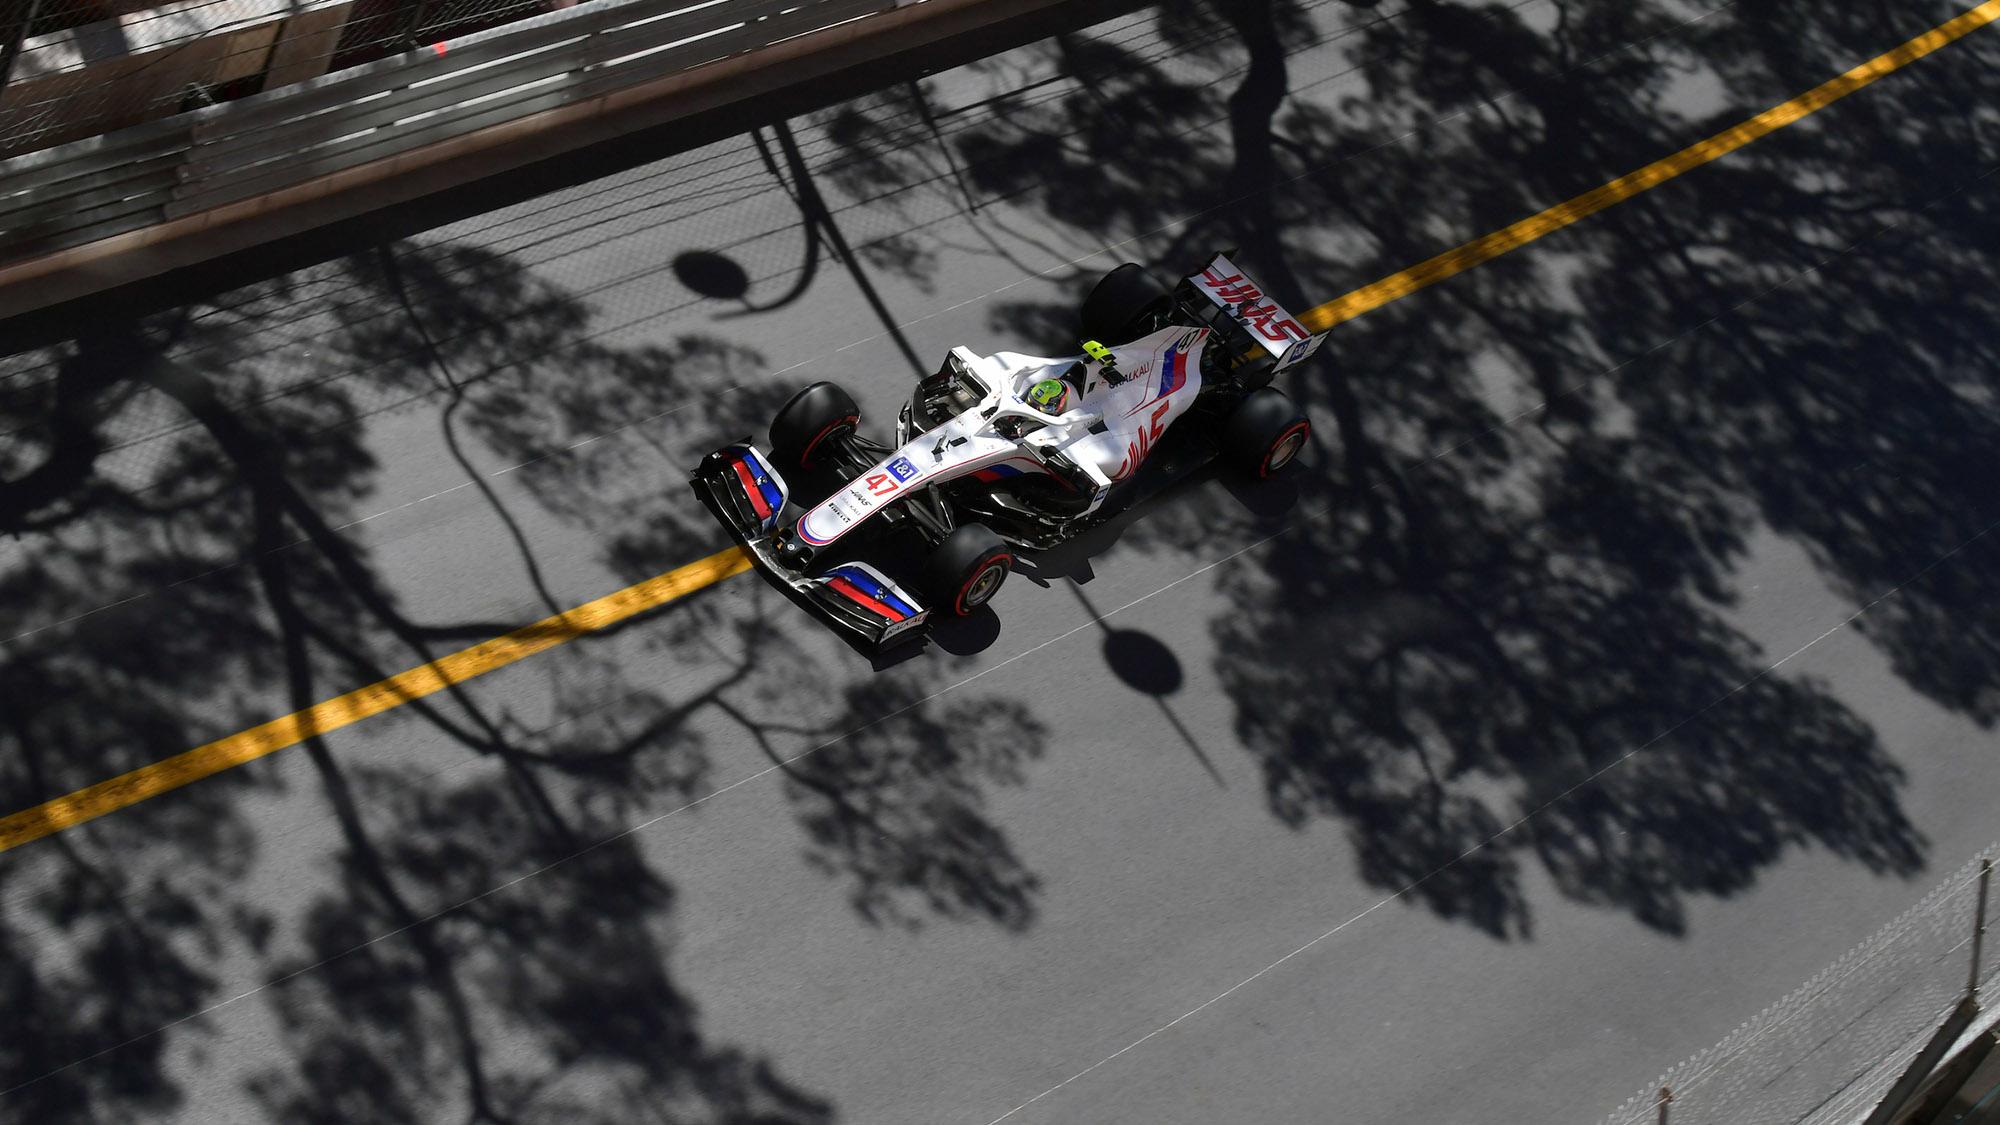 Haas F1 car of Mick Schumacher in Monaco 2021